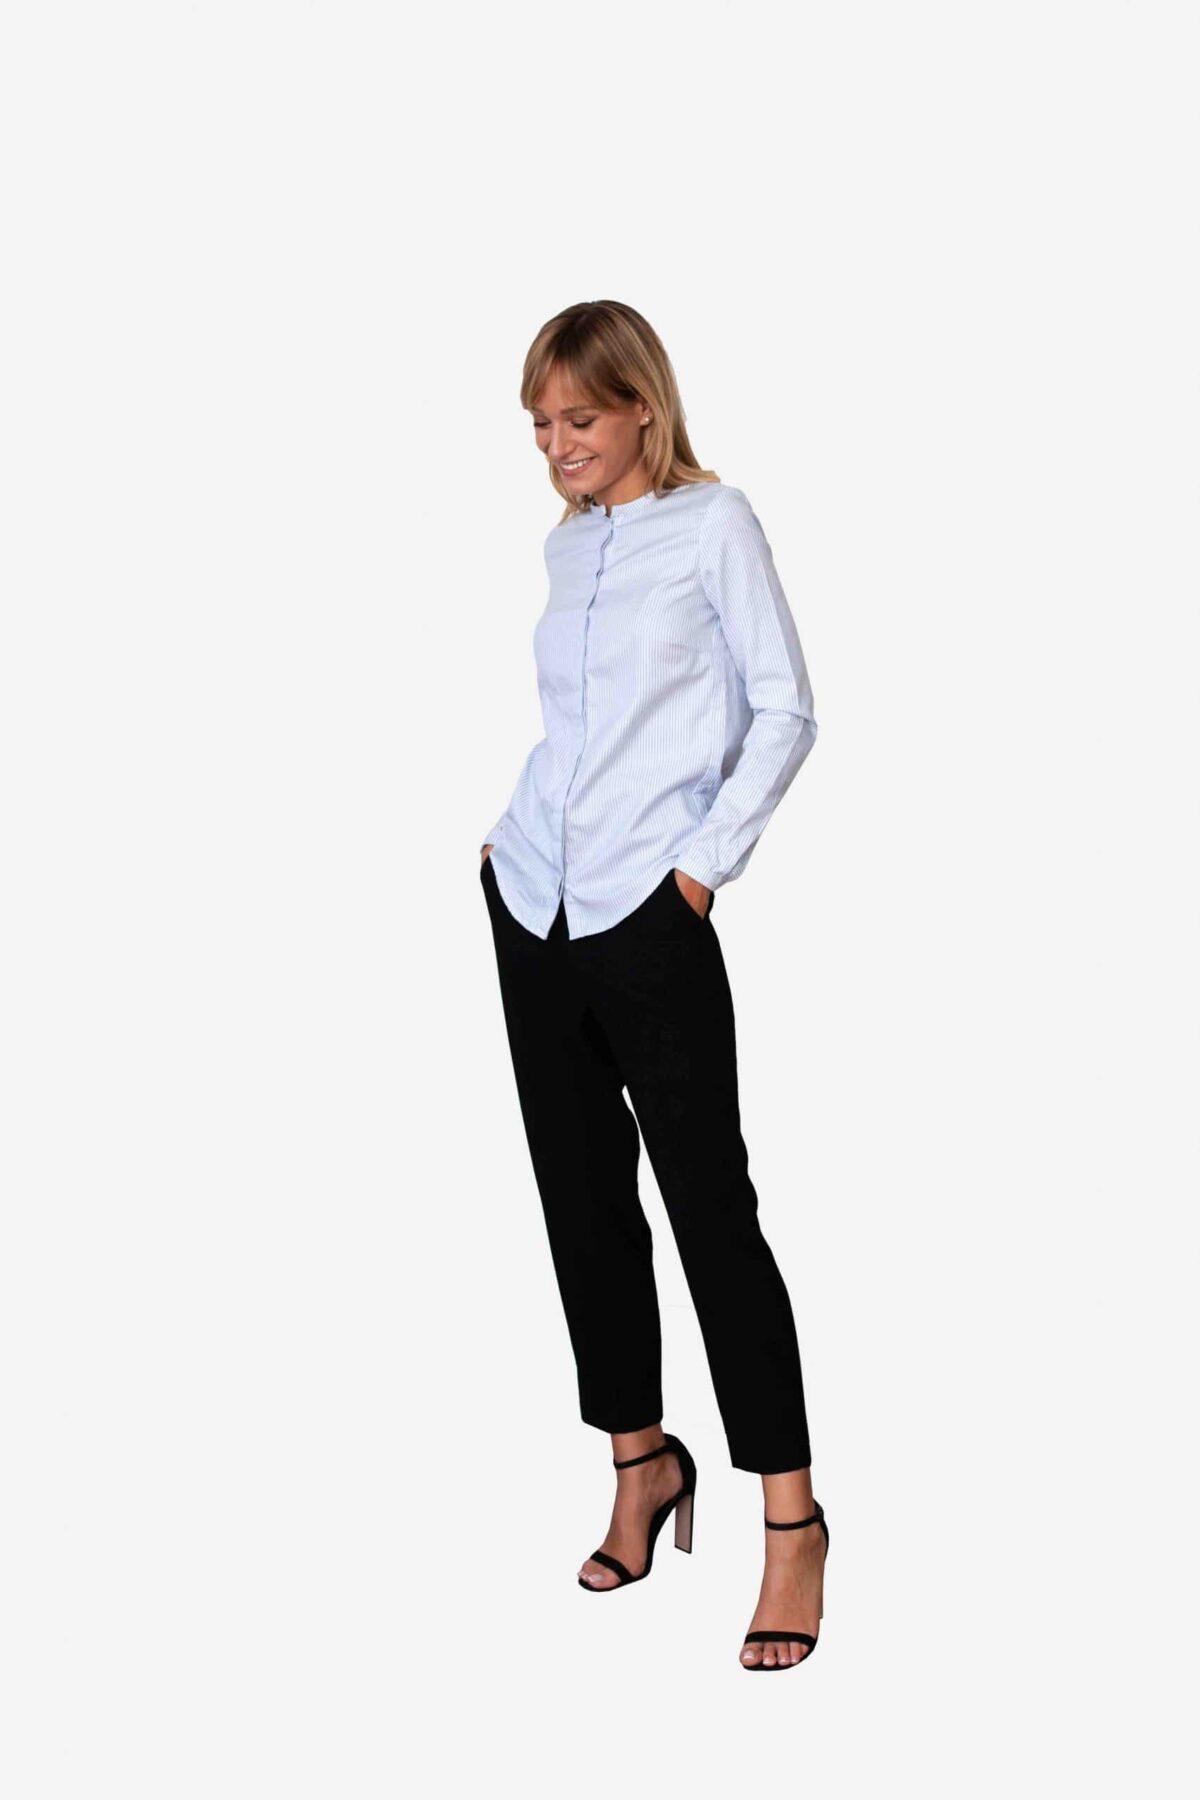 Bluse Estelle von SANOGE. Blau weiß gestreifte Bluse mit Stehkragen und schmaler Manschette. Slim Fit, figurbetont.